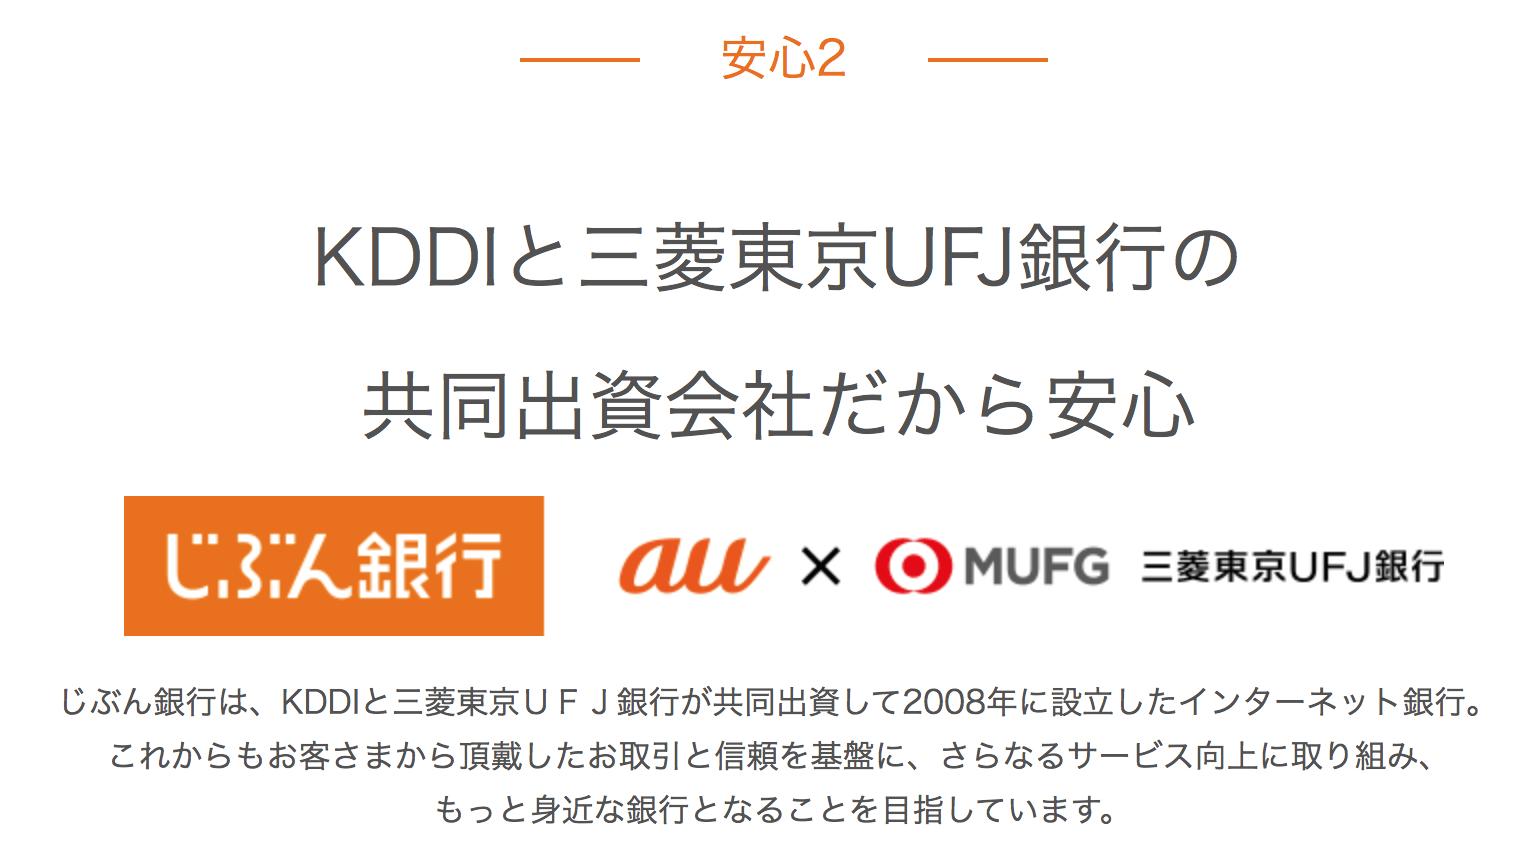 じぶん銀行「三菱UFJ銀行とKDDIの共同出資によるネット銀行」